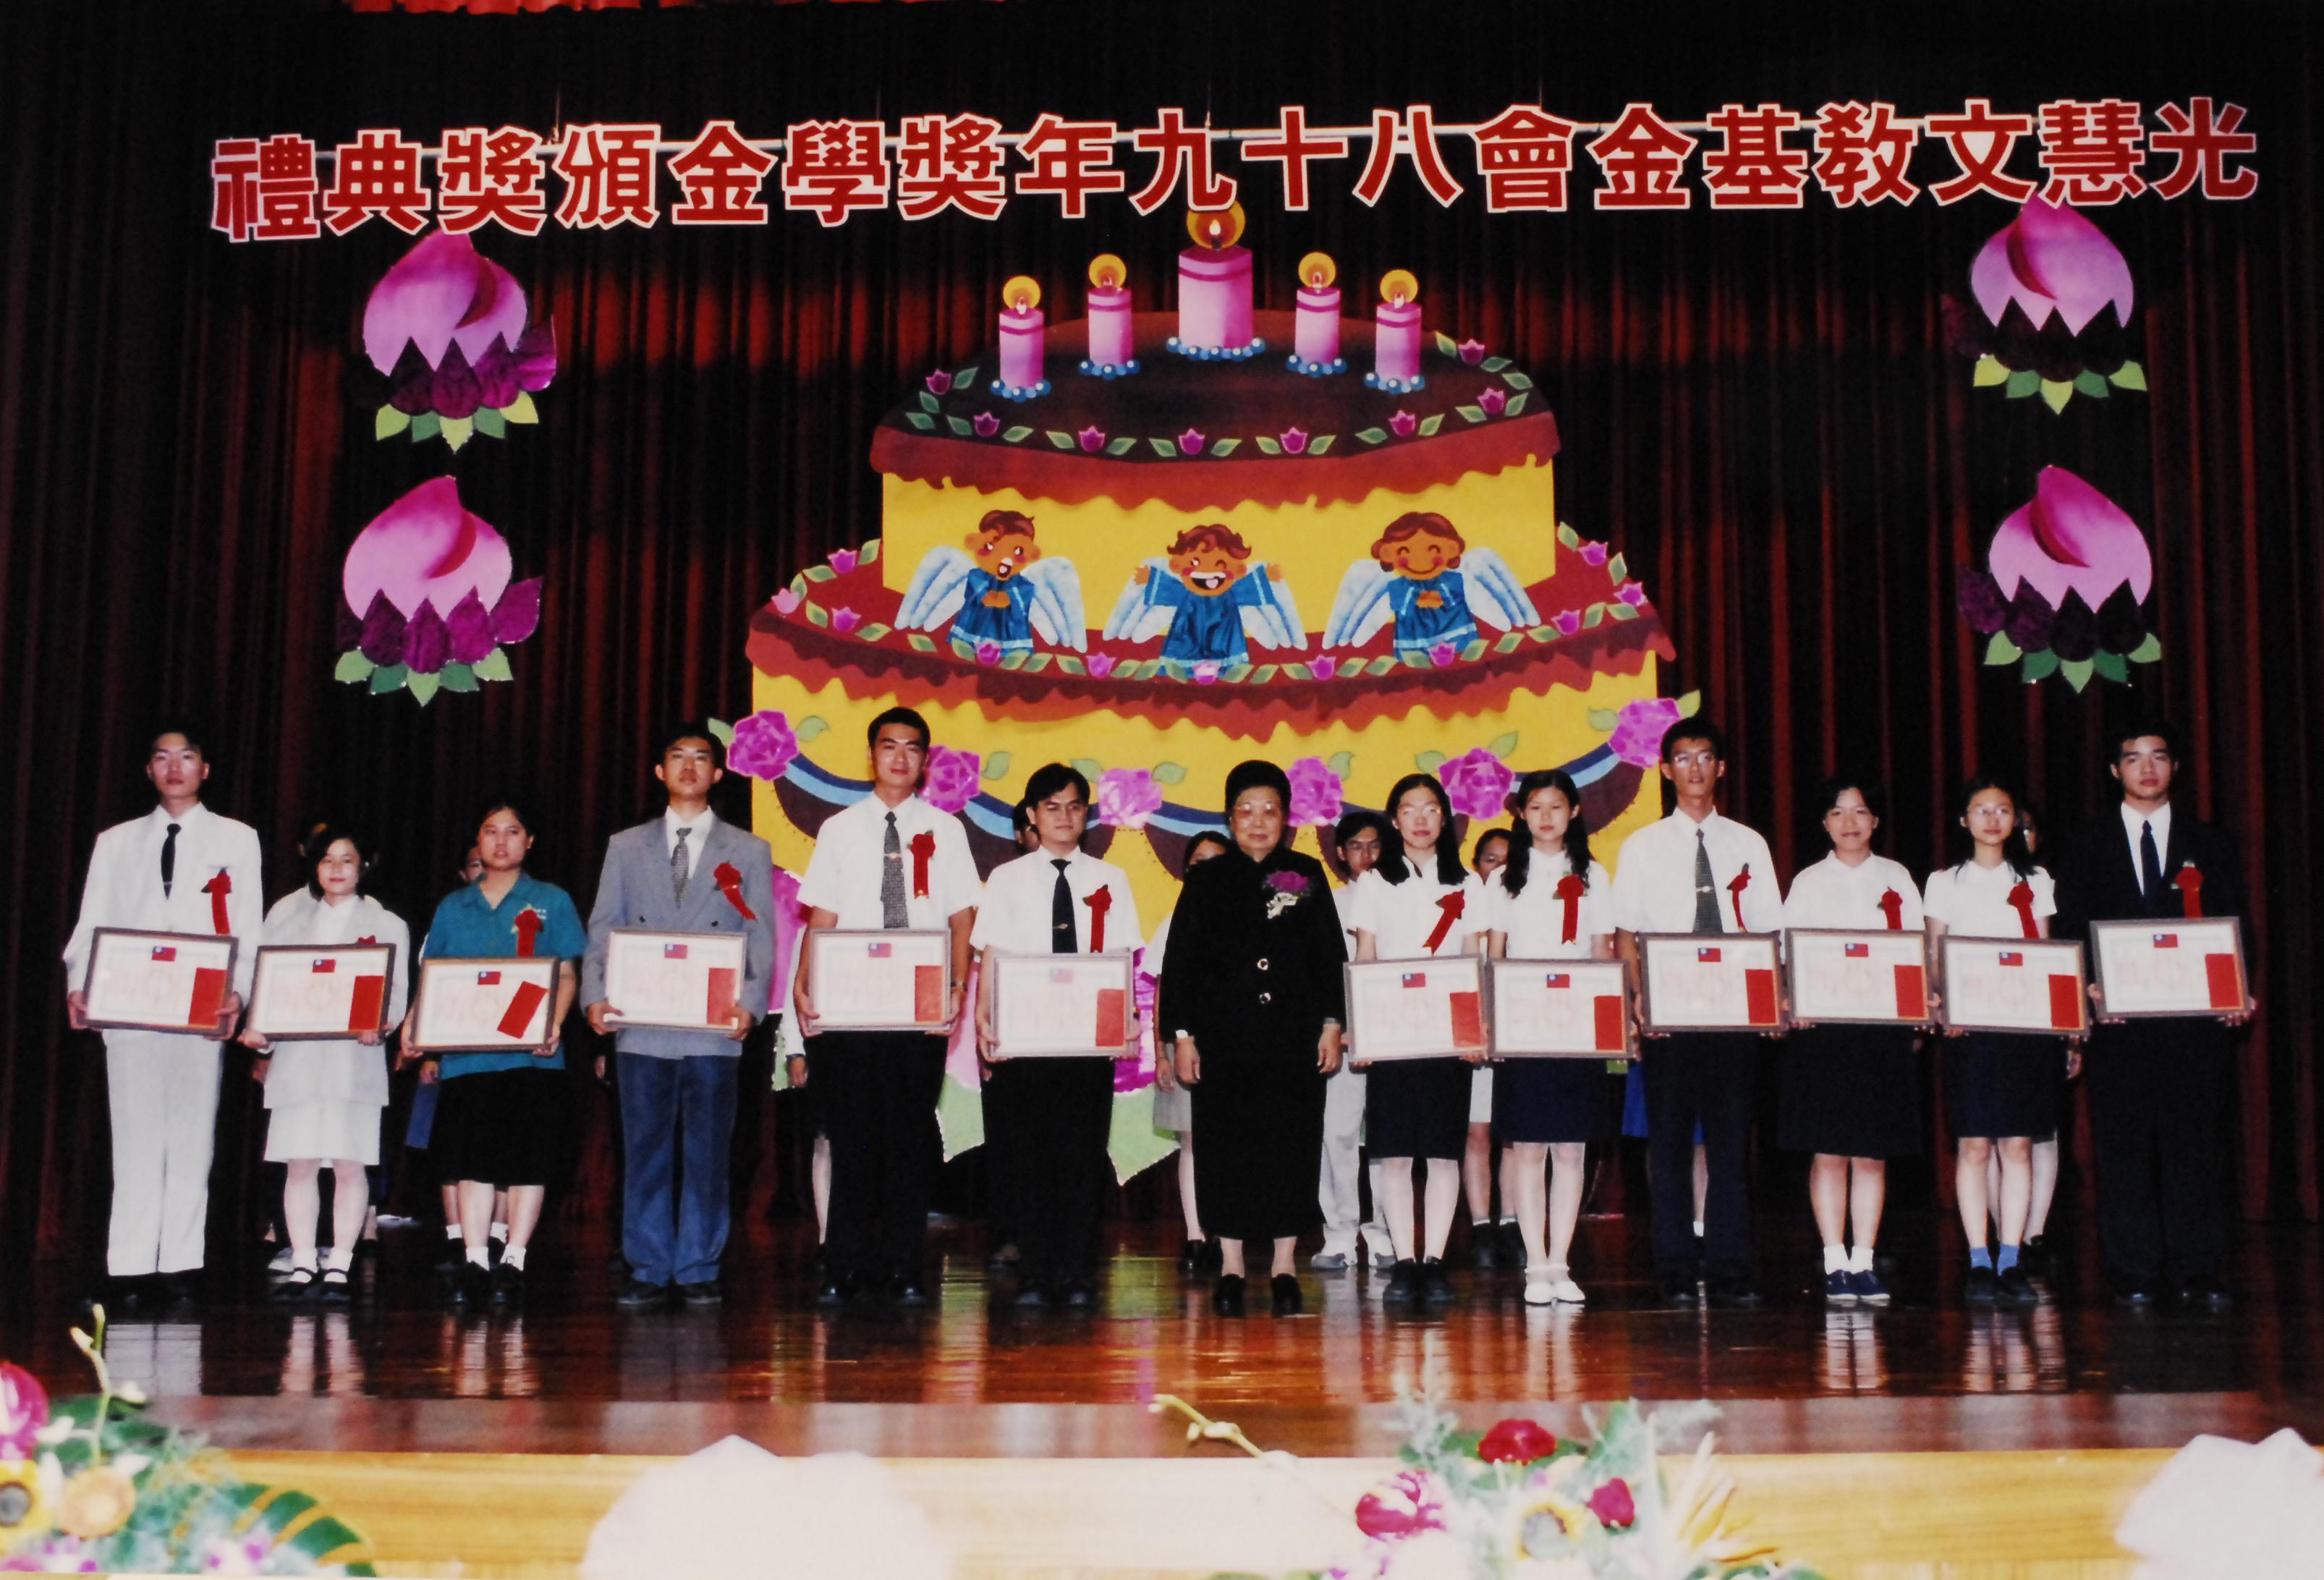 成立基金會關懷青少年教育活動